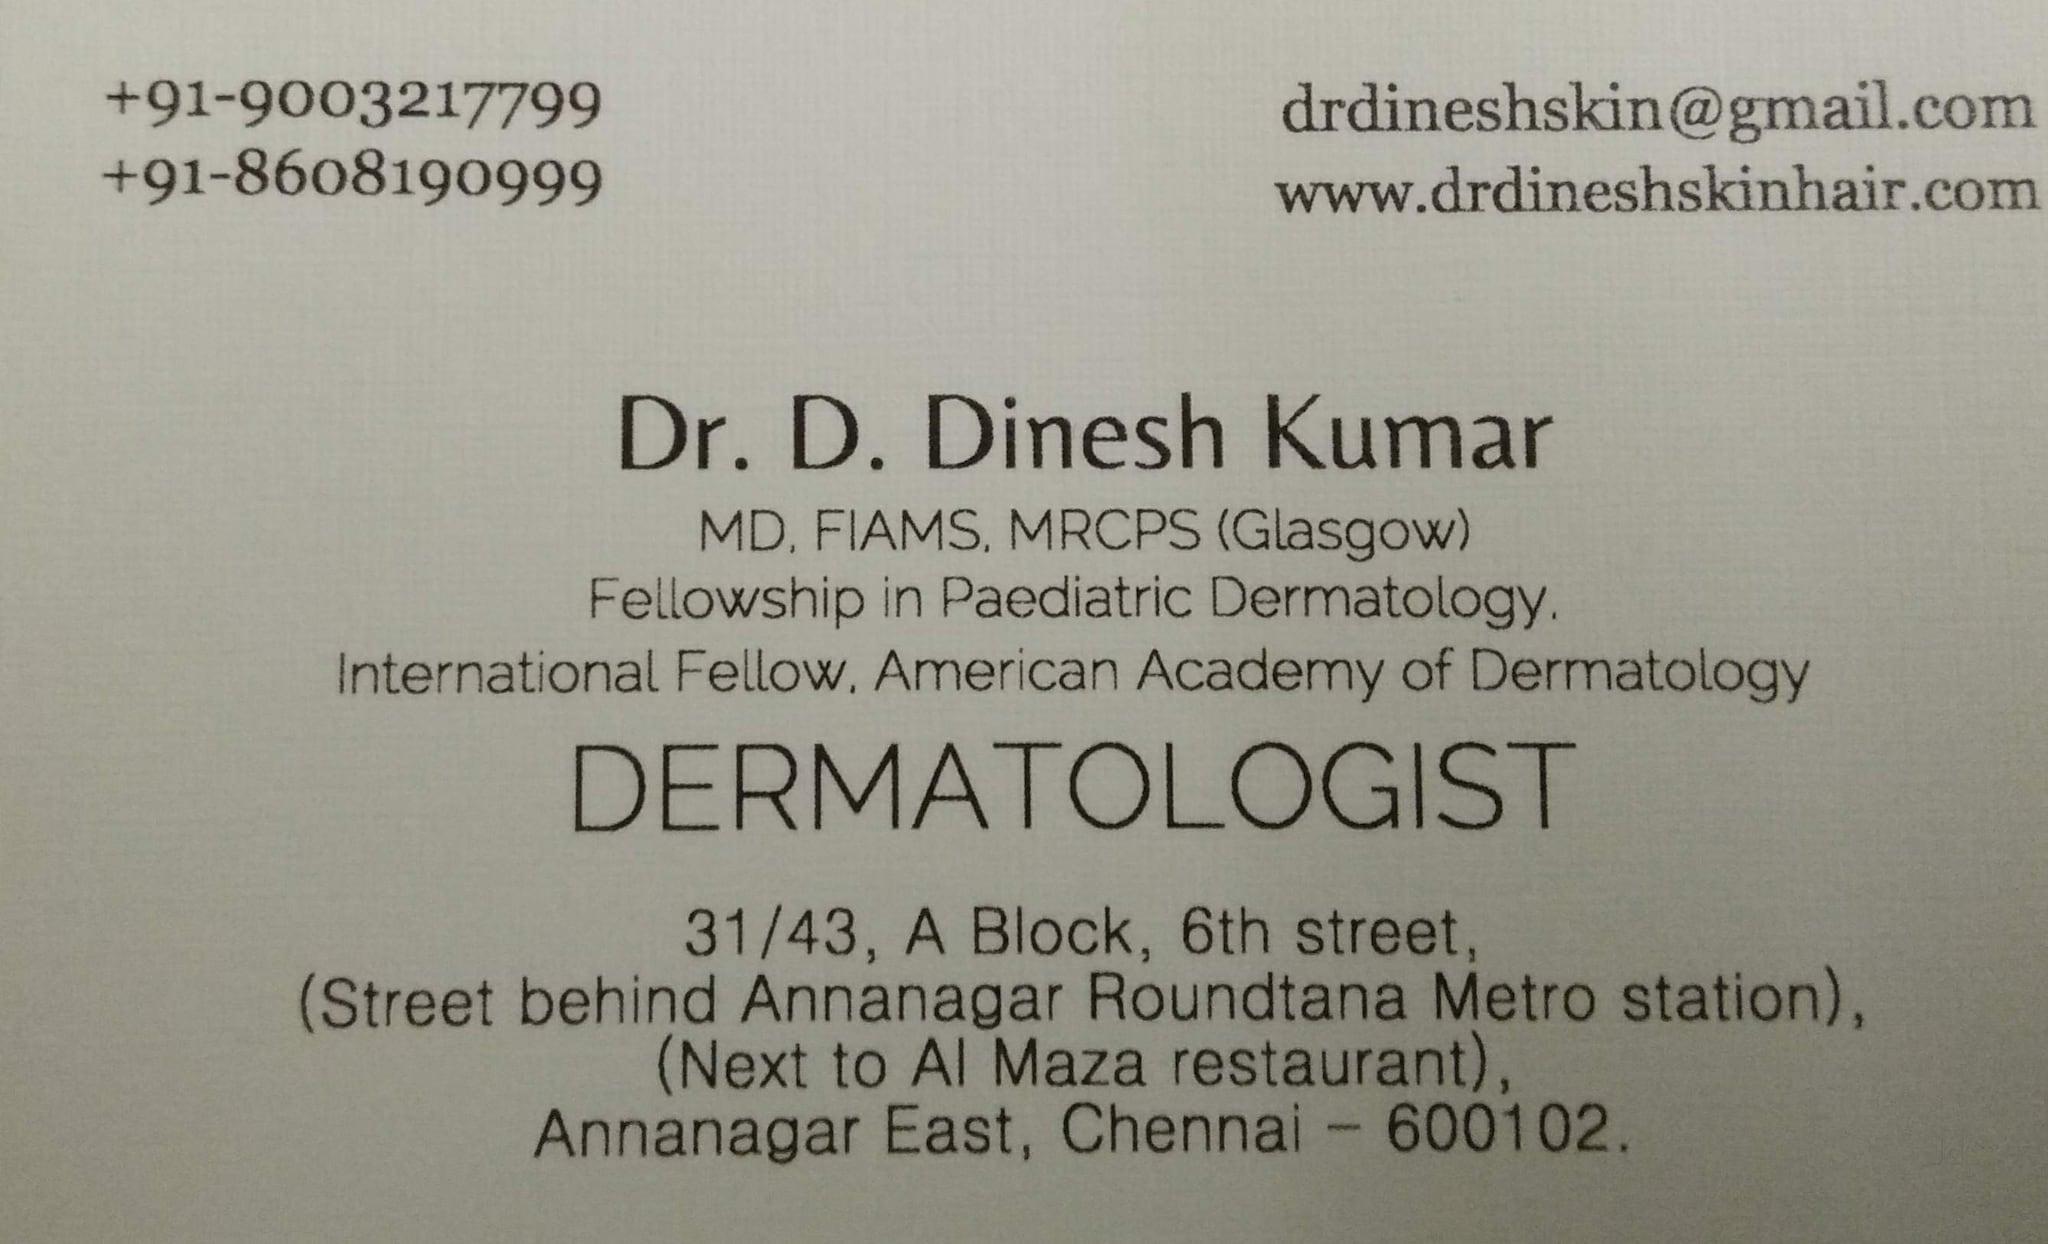 Top Paediatric Dermatologist in Anna Nagar East, Chennai